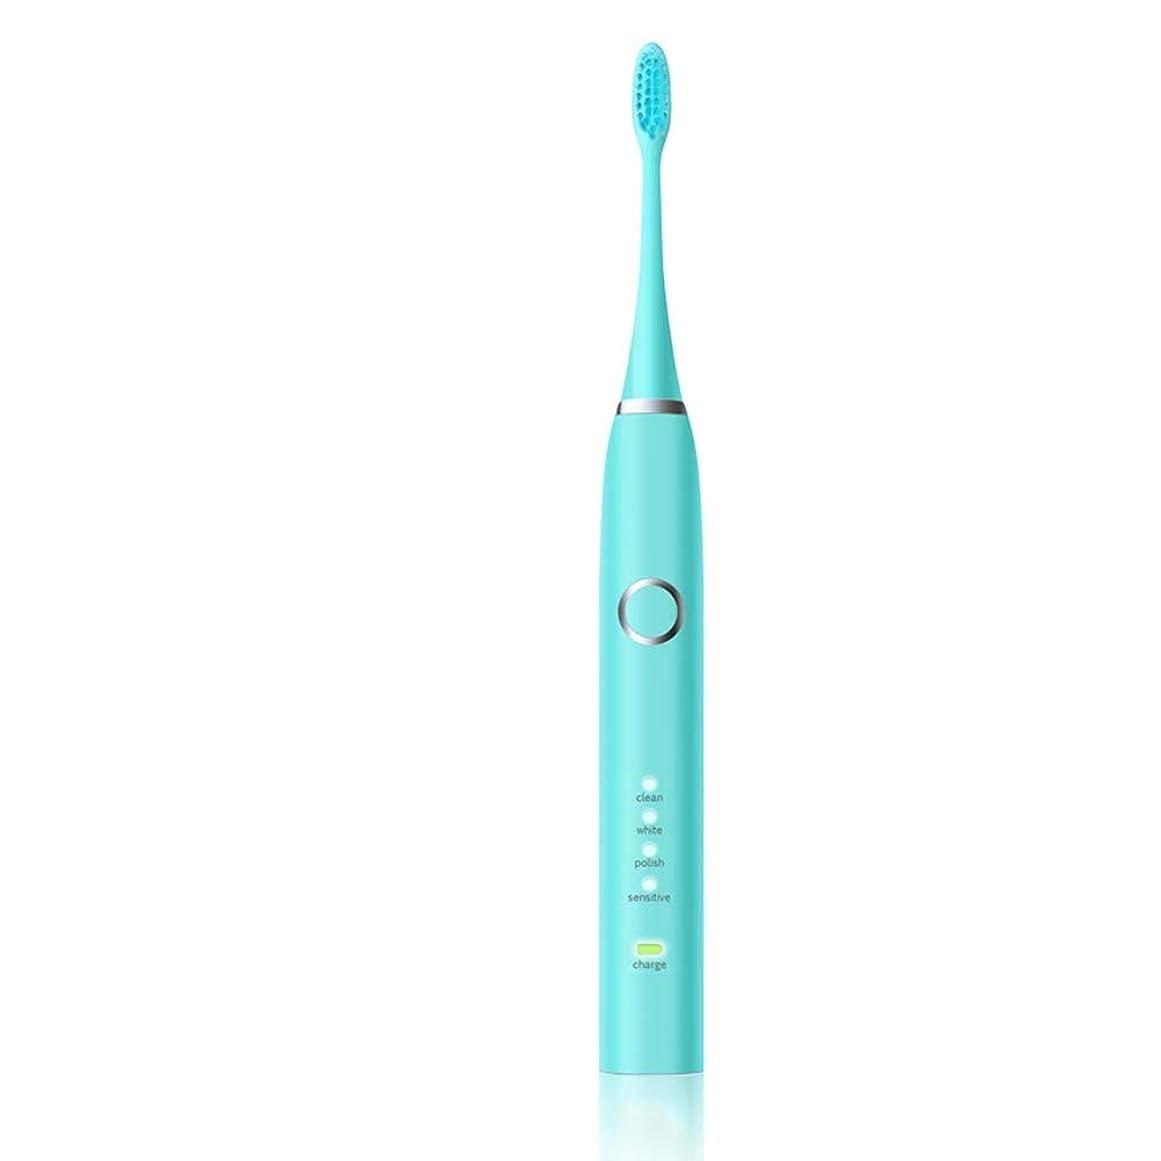 健康的欲望開いた電動歯ブラシ 歯ブラシを白くするUSB??の充満基礎ホルダーの柔らかい毛と防水電動歯ブラシ (色 : 緑, サイズ : Free size)